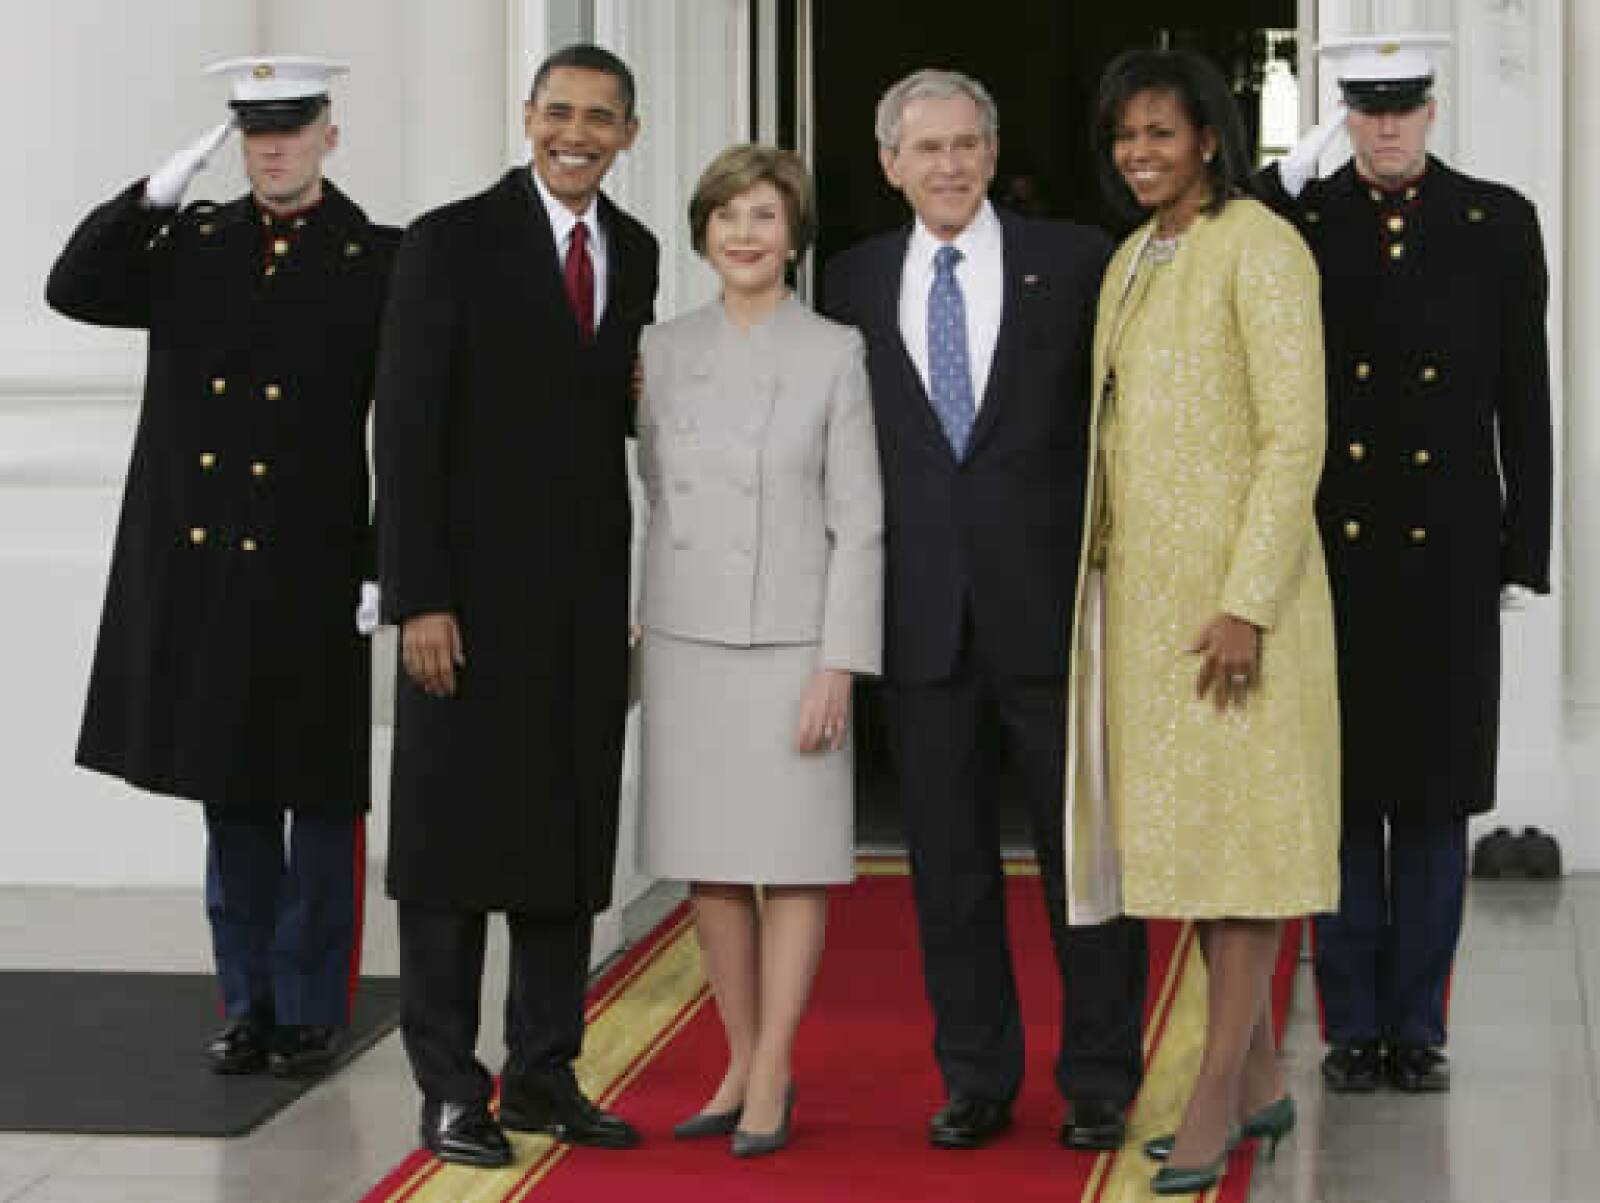 El aún presidente George W. Bush felicitó esta mañana a su sucesor en la Casa Blanca. Los acompañaron la todavía primera dama Laura Bush y la esposa de Obama, Michelle.